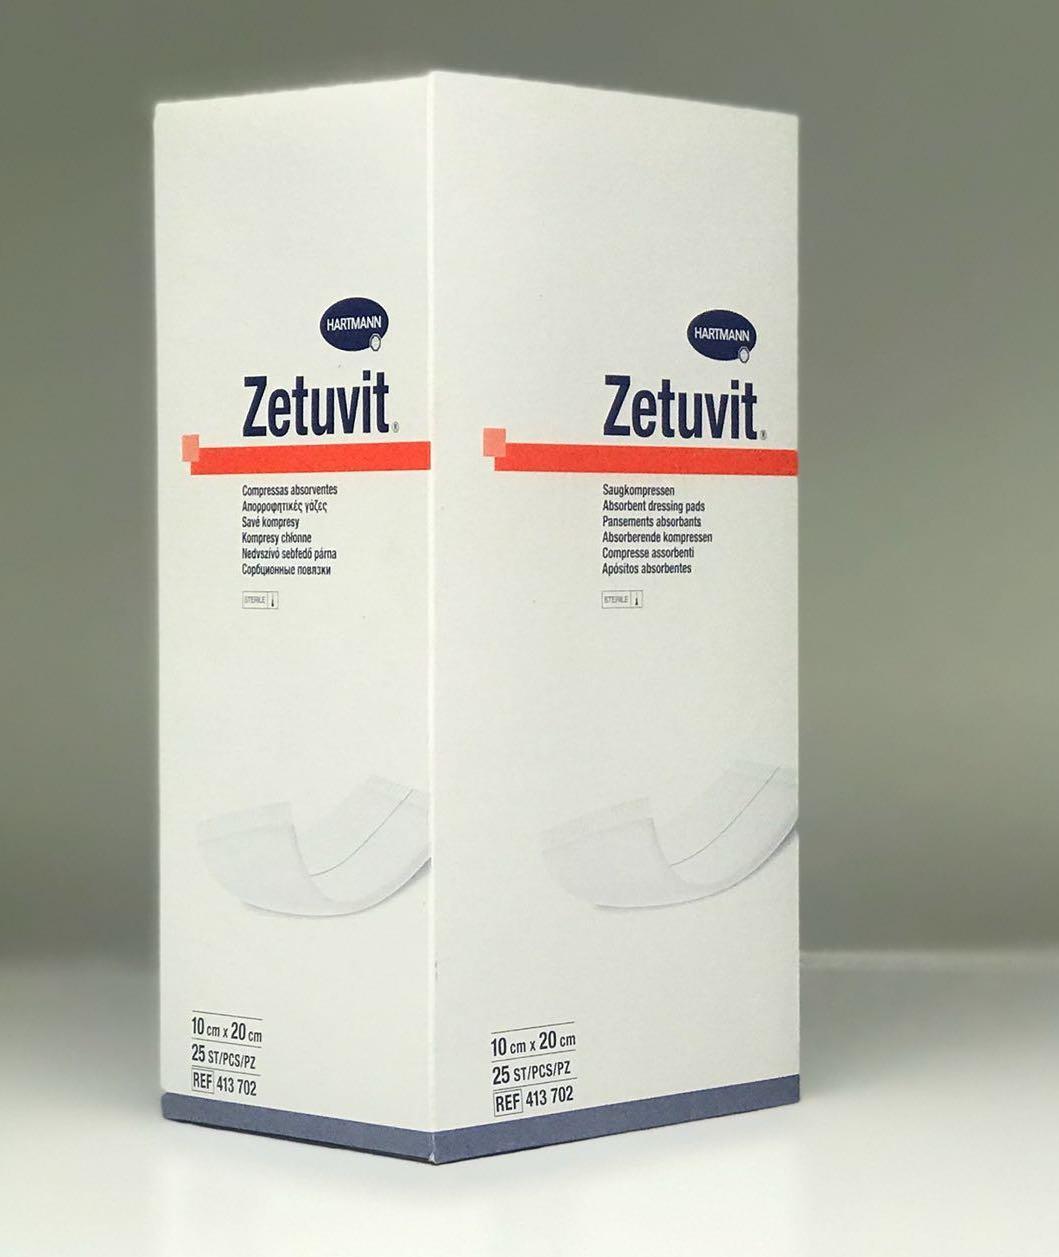 ZETUVIT 10CMx20CM BOX 25